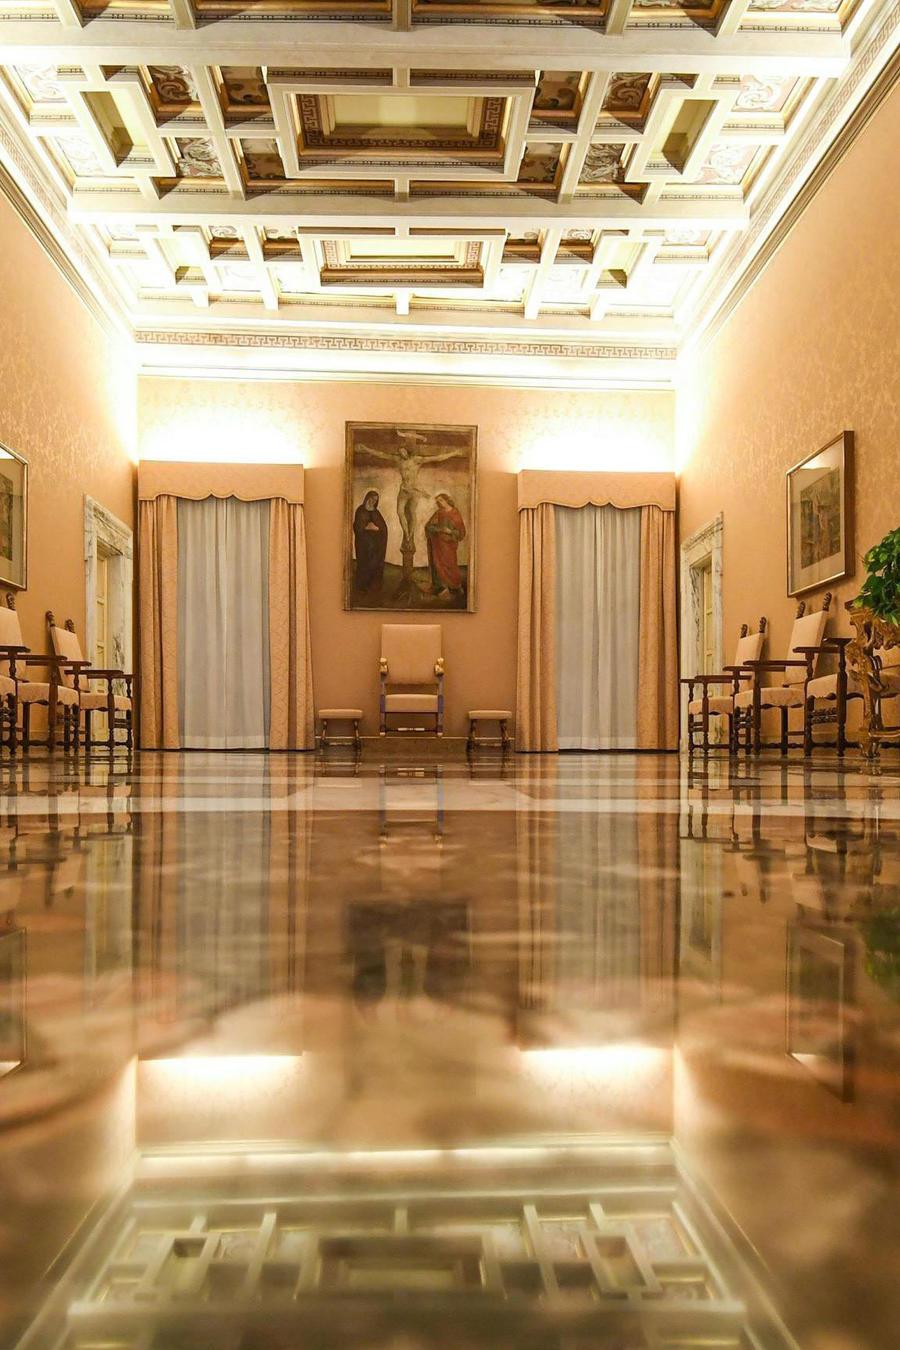 Abre al público el palacio de Castel Gandolfo, residencia veraniega de papas